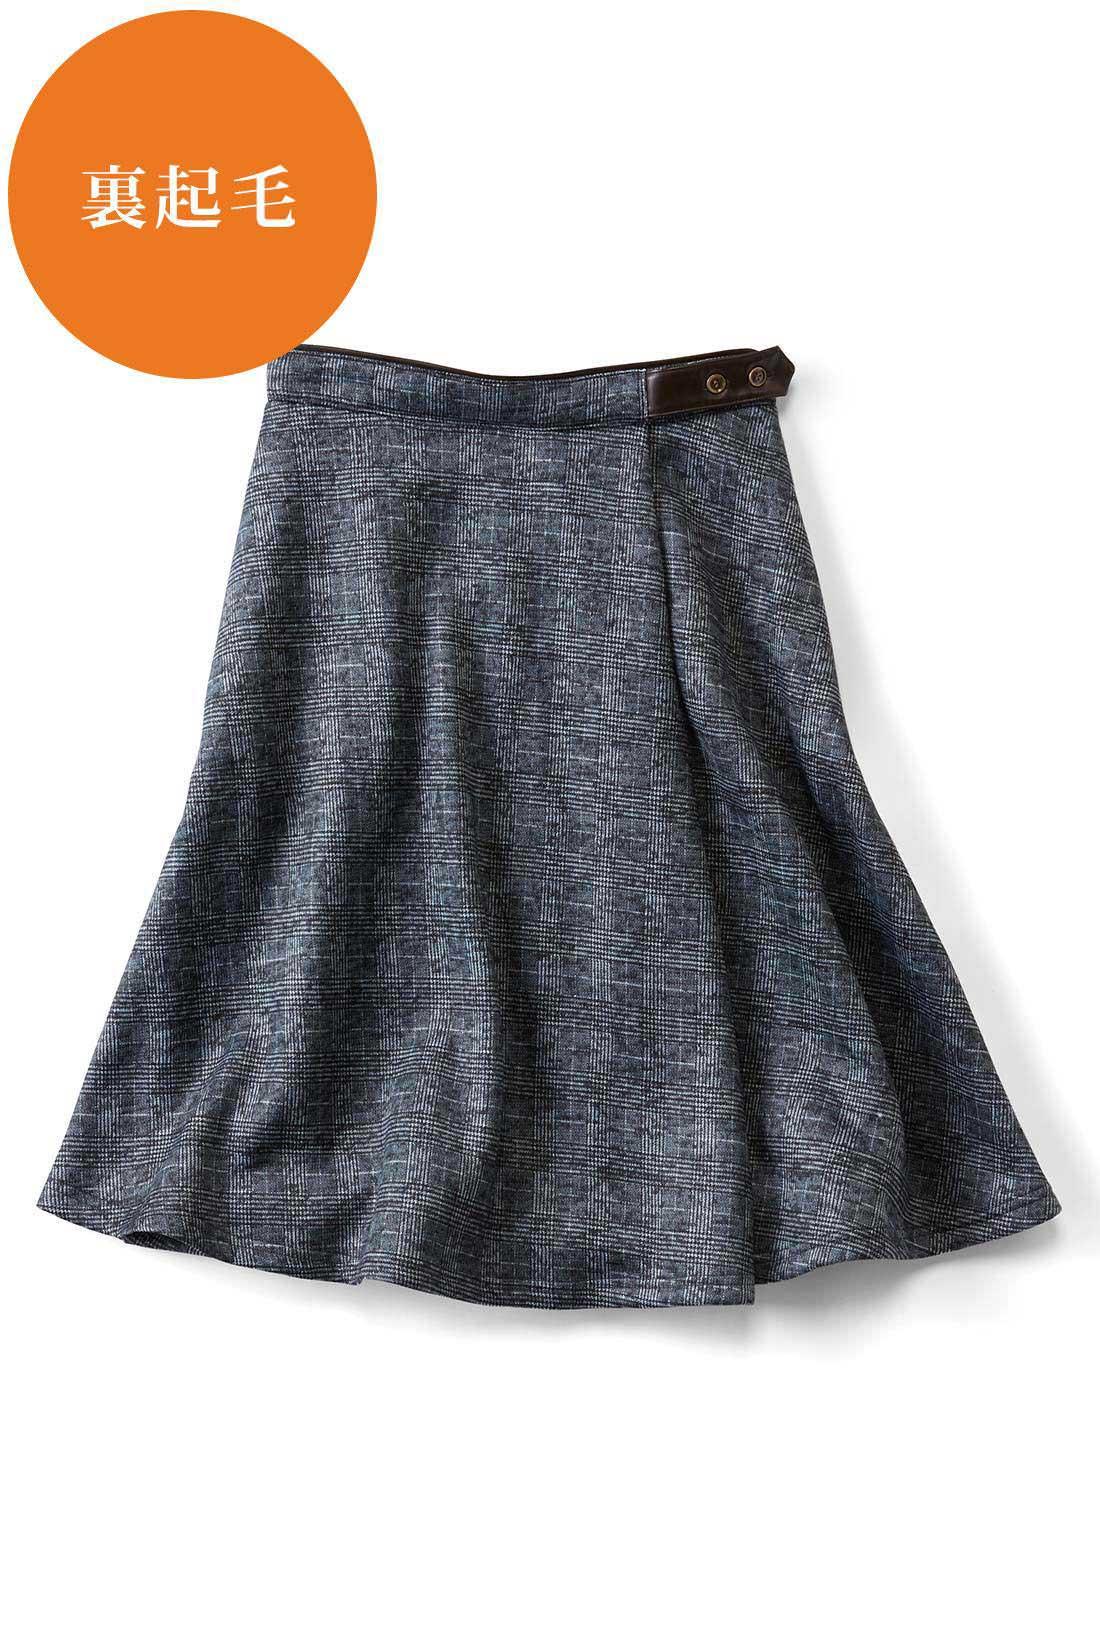 きちんと感高まる〈ダークグレイグレンチェック〉 ウエストはパイピング&飾りベルト仕様 ウエスト部分は合皮パイピングのアクセント。女っぽくトップスインするスタイルも決まるうれしいディテール。 右サイドには便利なポケット。